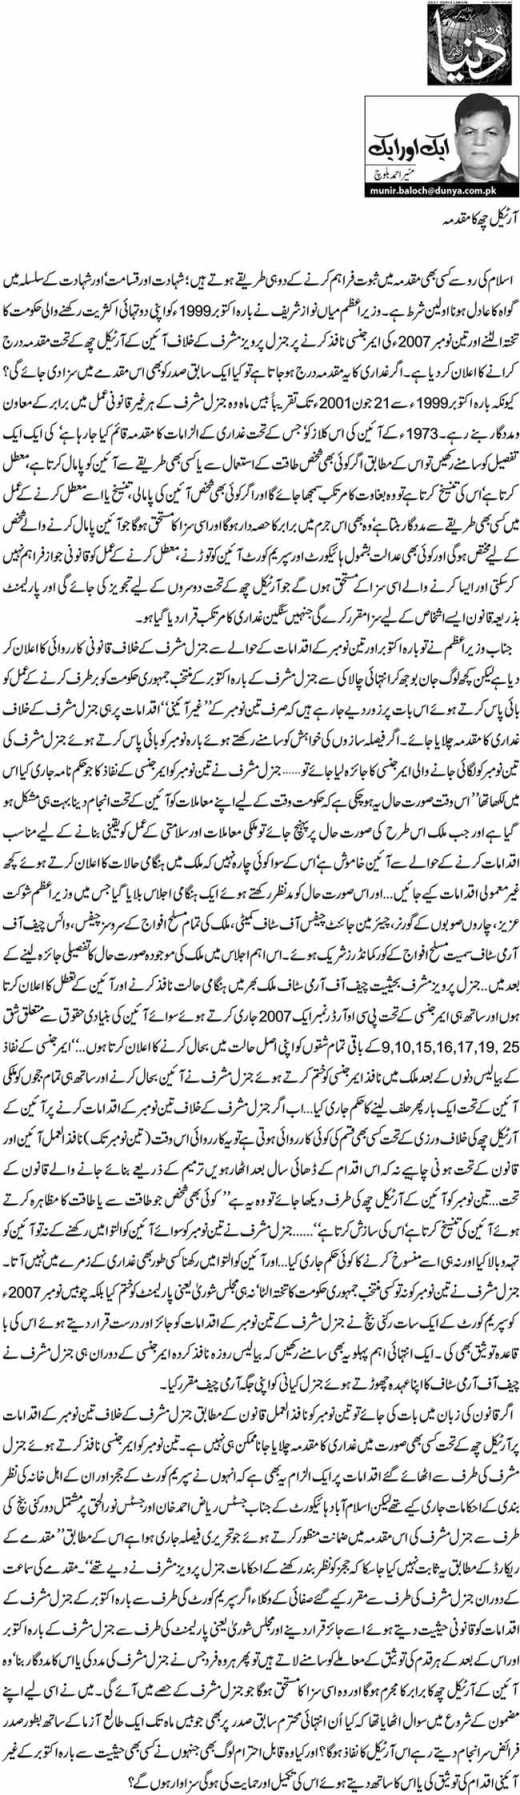 Article 6 Ka Muqaddma - Munir Ahmed Baloch